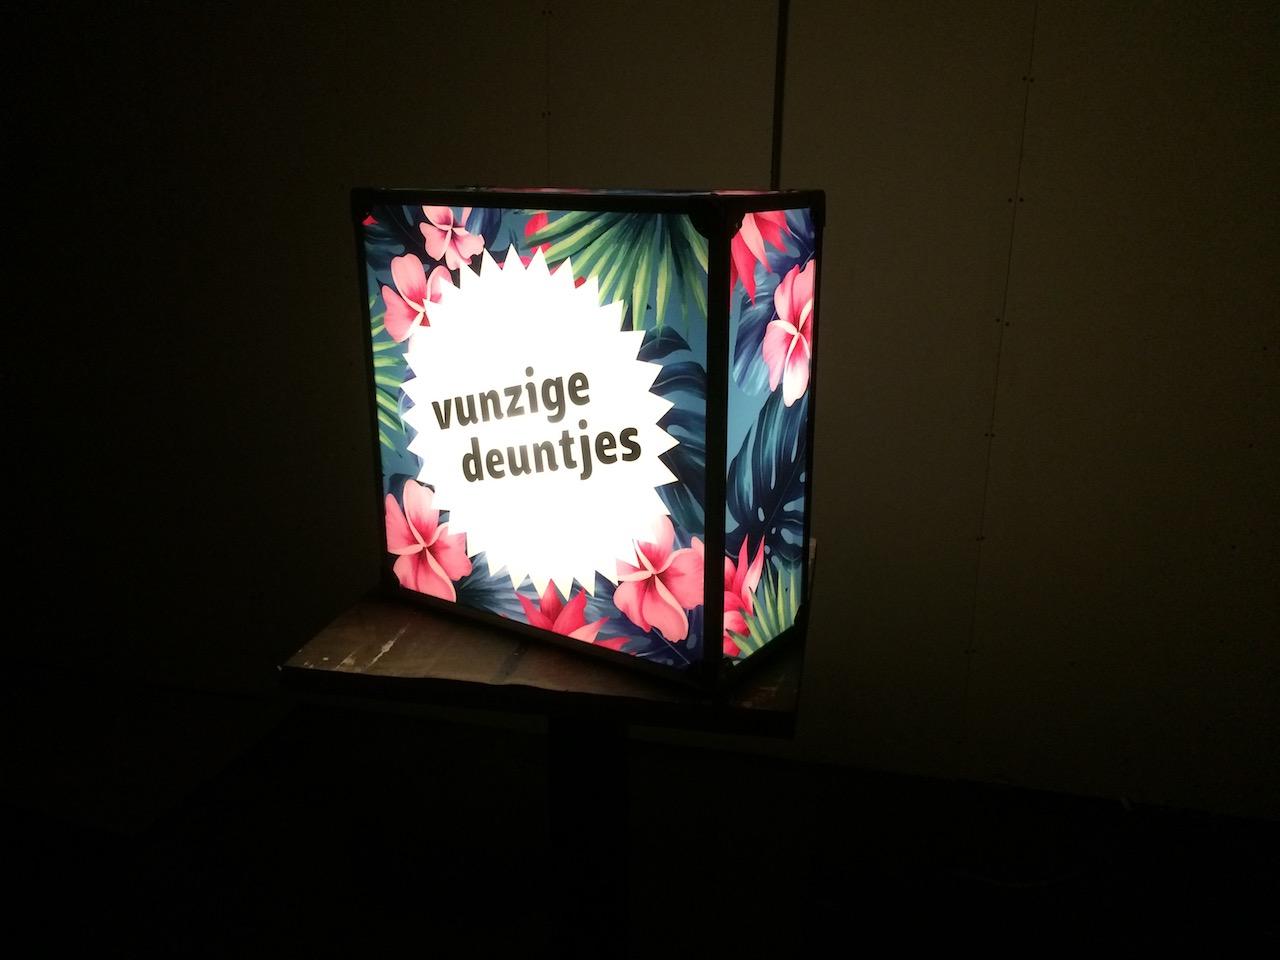 Lichtbak of lightbox huren of kopen voor op dj booth Amsterdam Rotterdam Eindhoven Utrecht